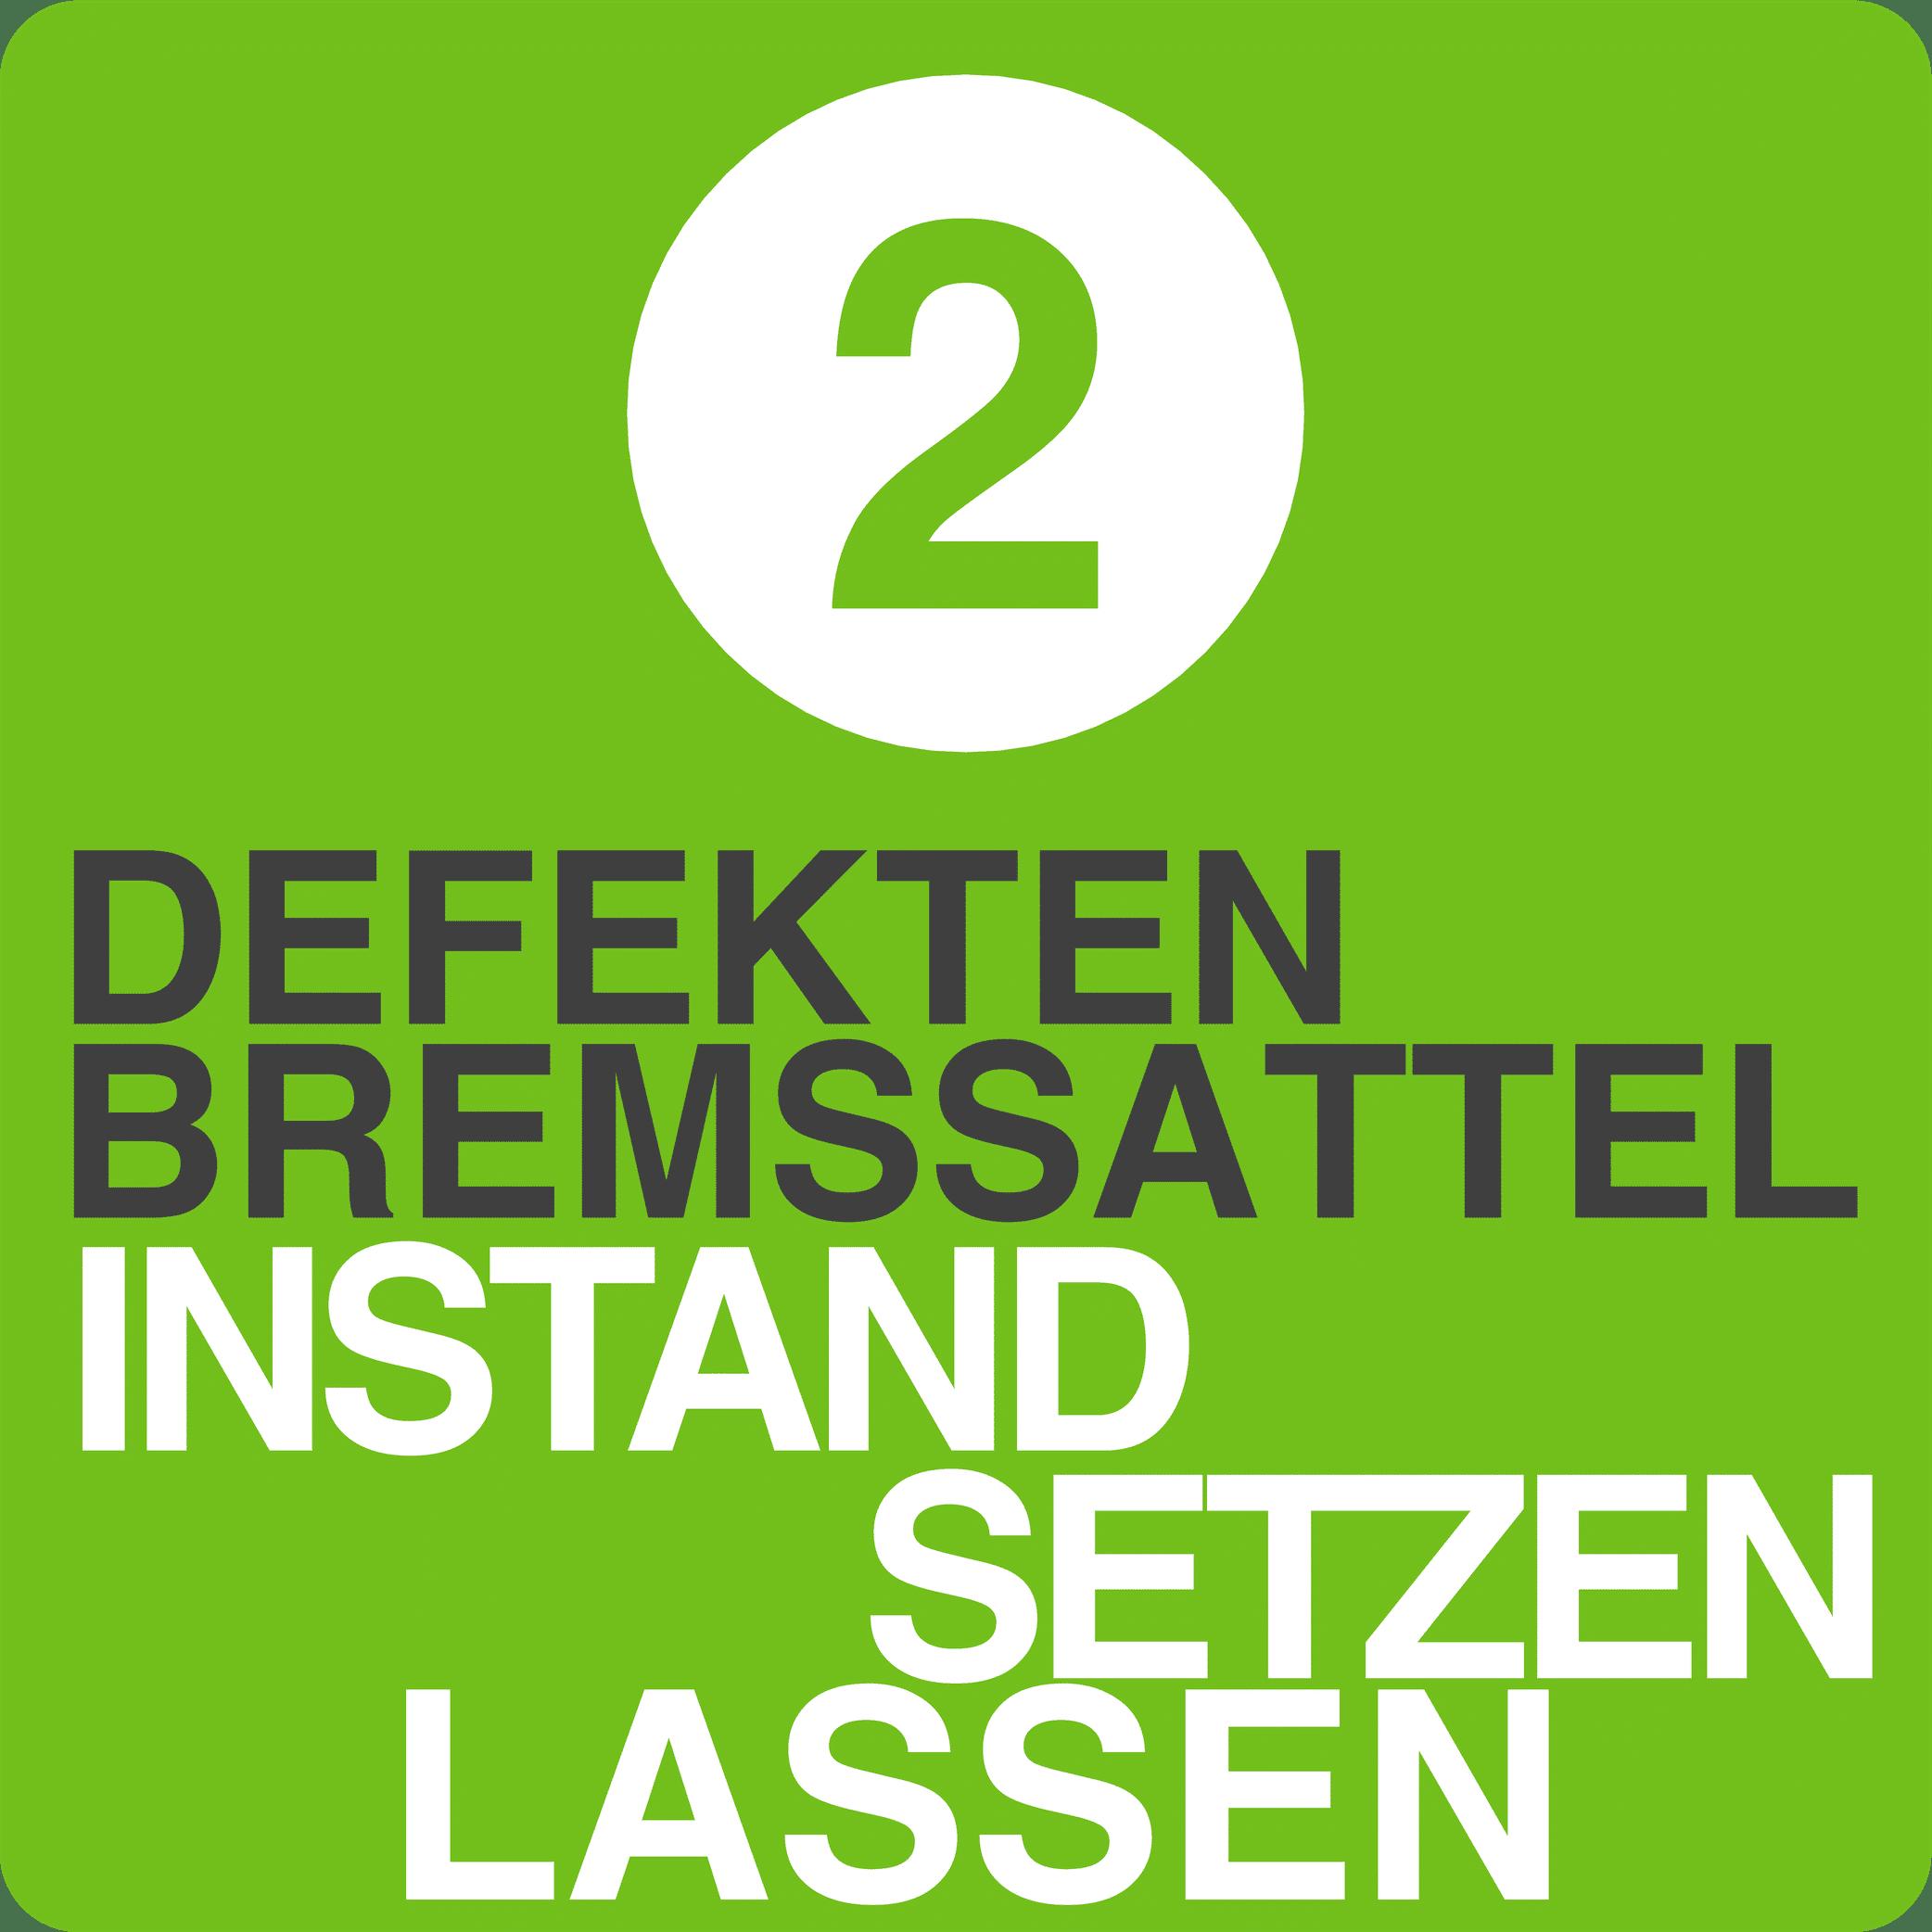 NB PARTS GmbH - Defekten Bremssattel instandsetzen lassen